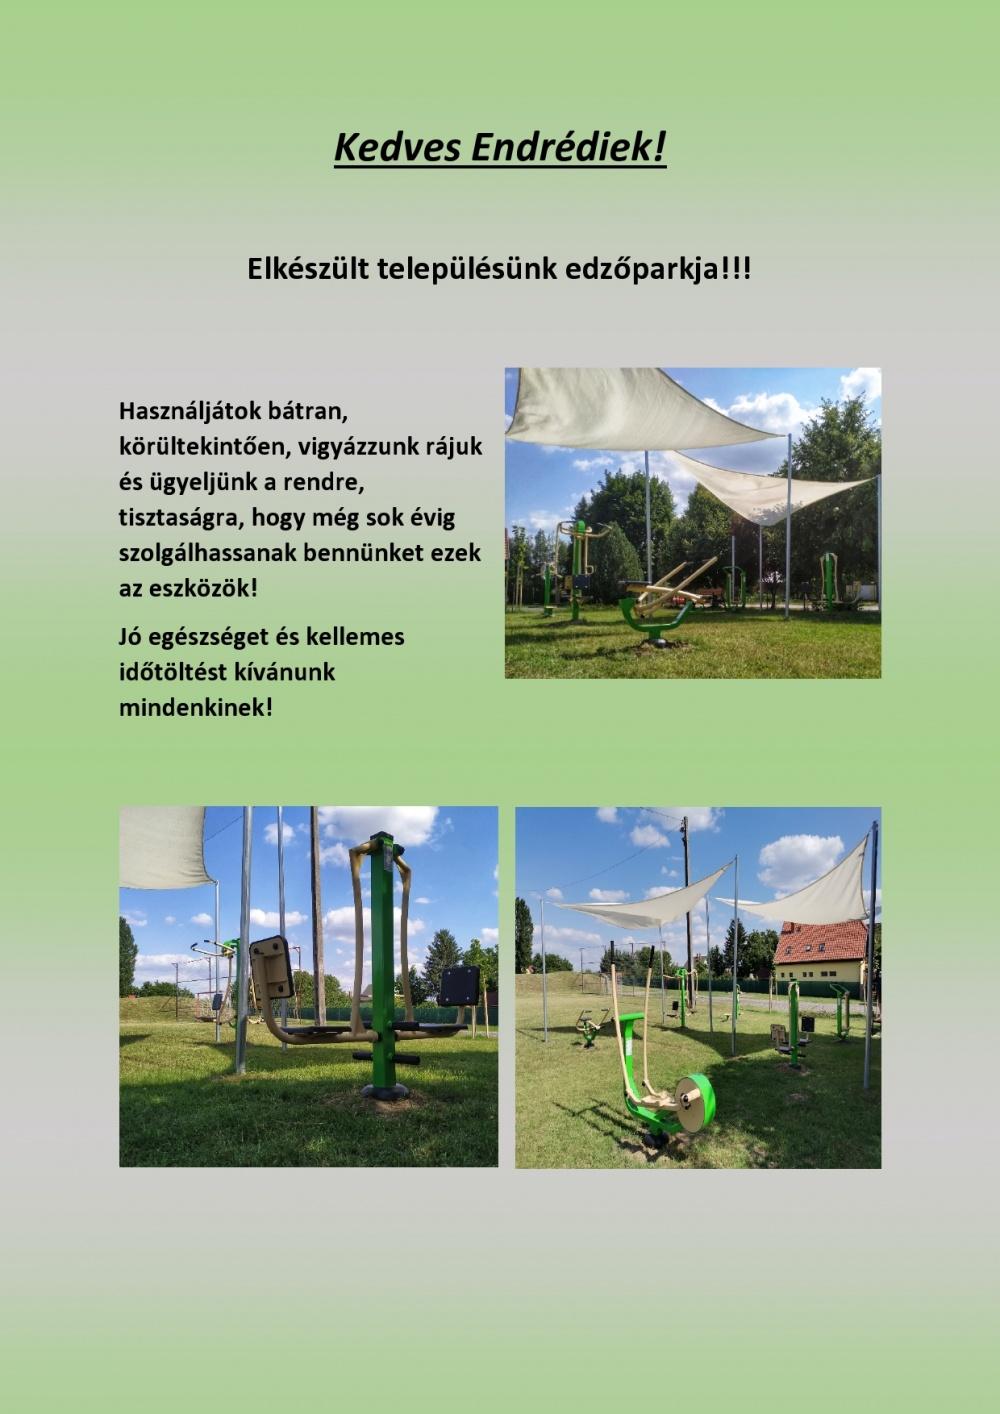 Megnyílt Balatonendréd edzőparkja